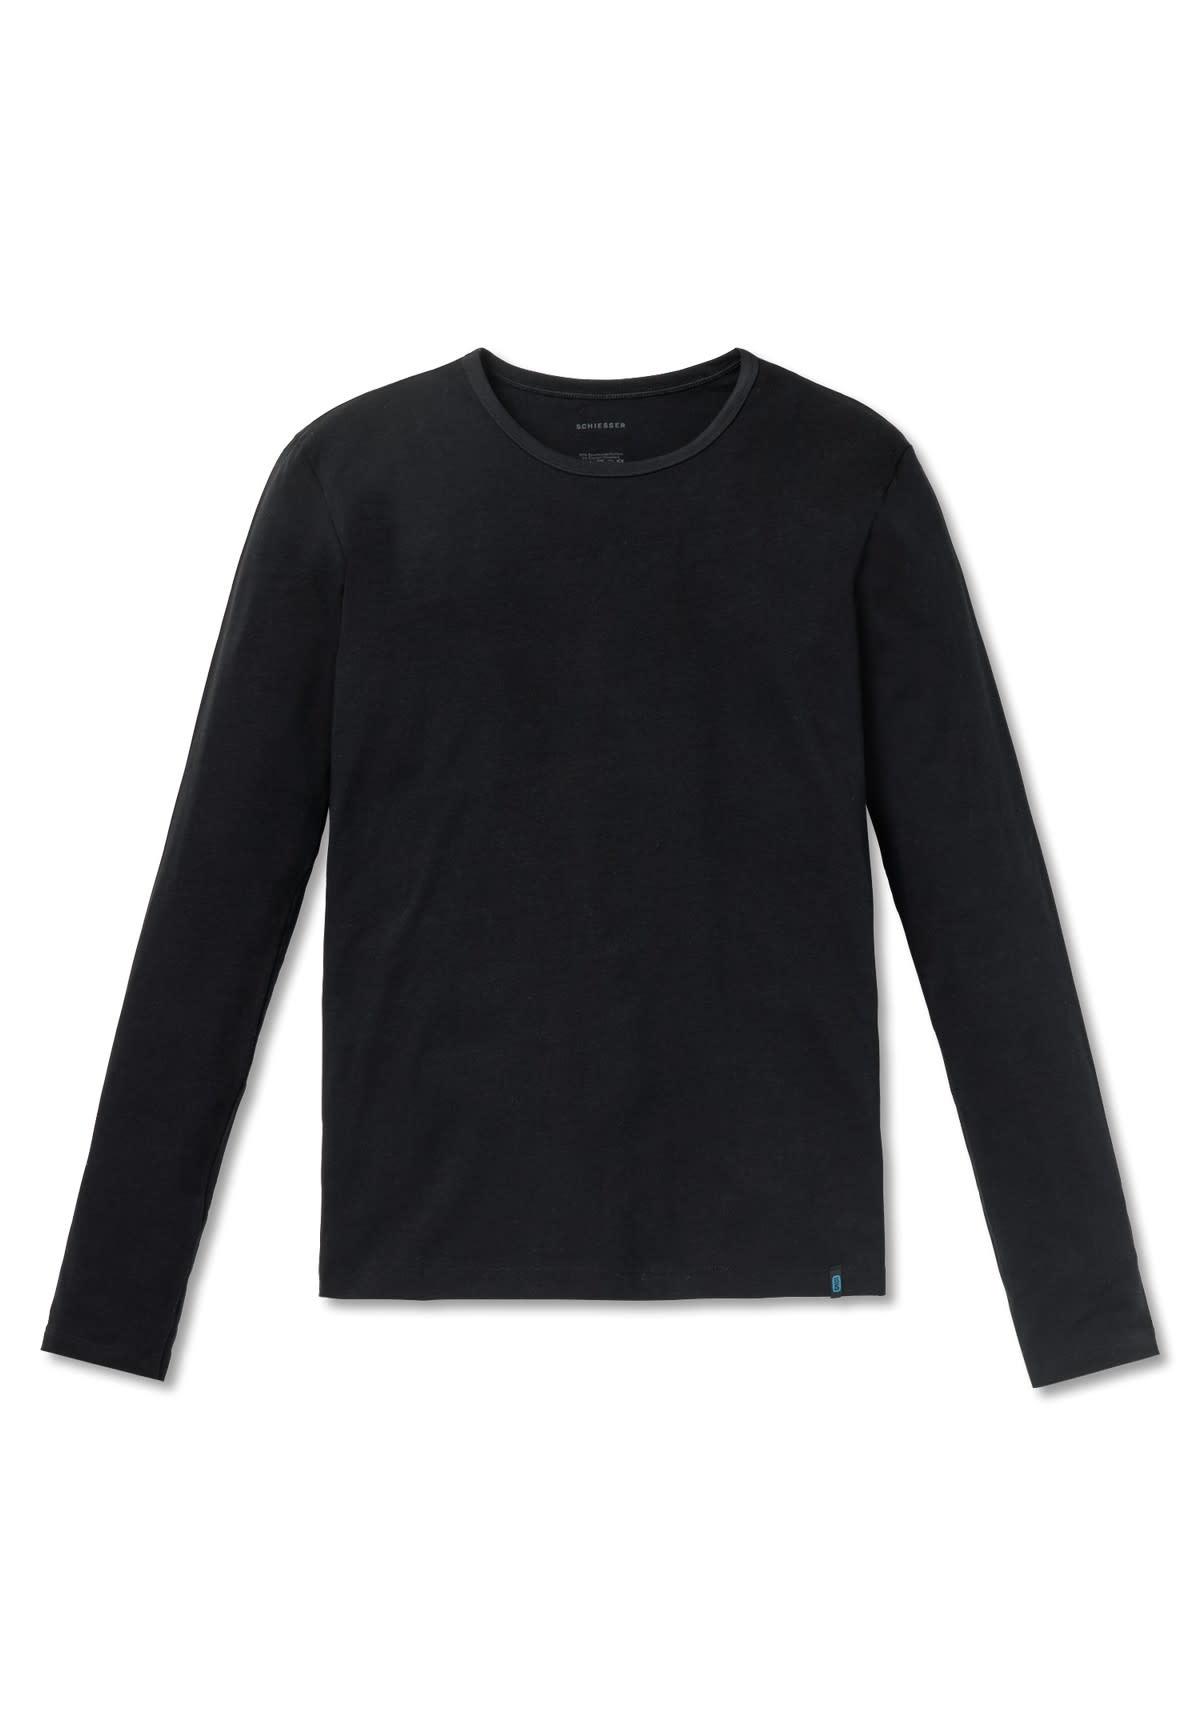 T-shirt lange mouw 95/5 205419 - zwart-3